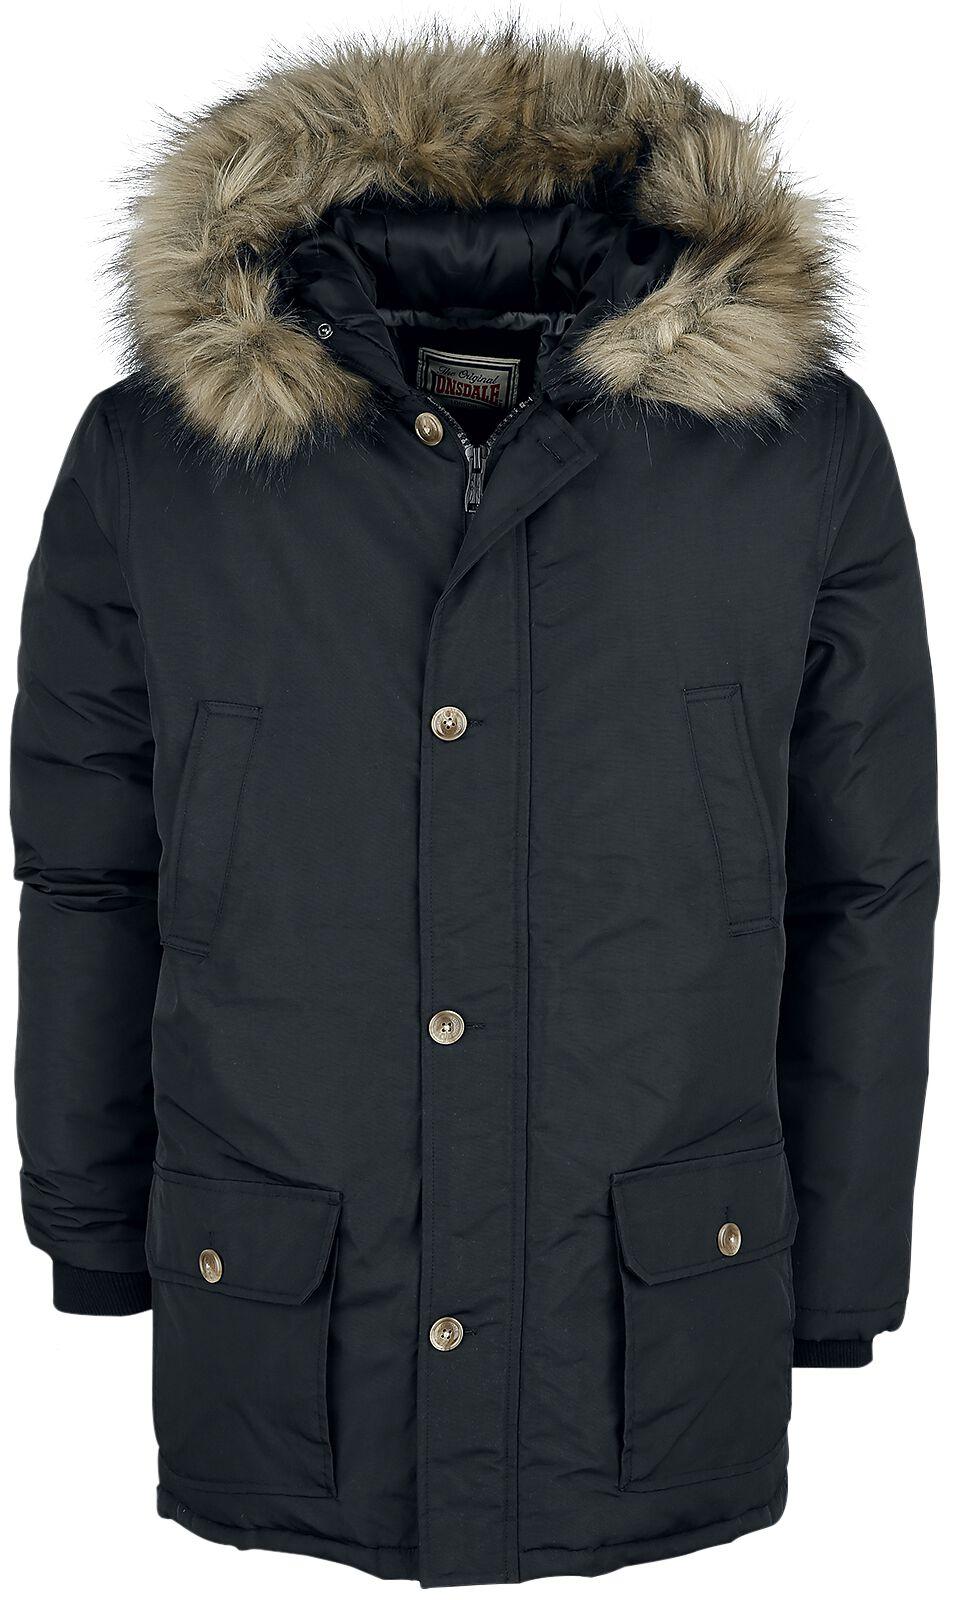 Lonsdale London Streetlam Winterjacke schwarz 116054